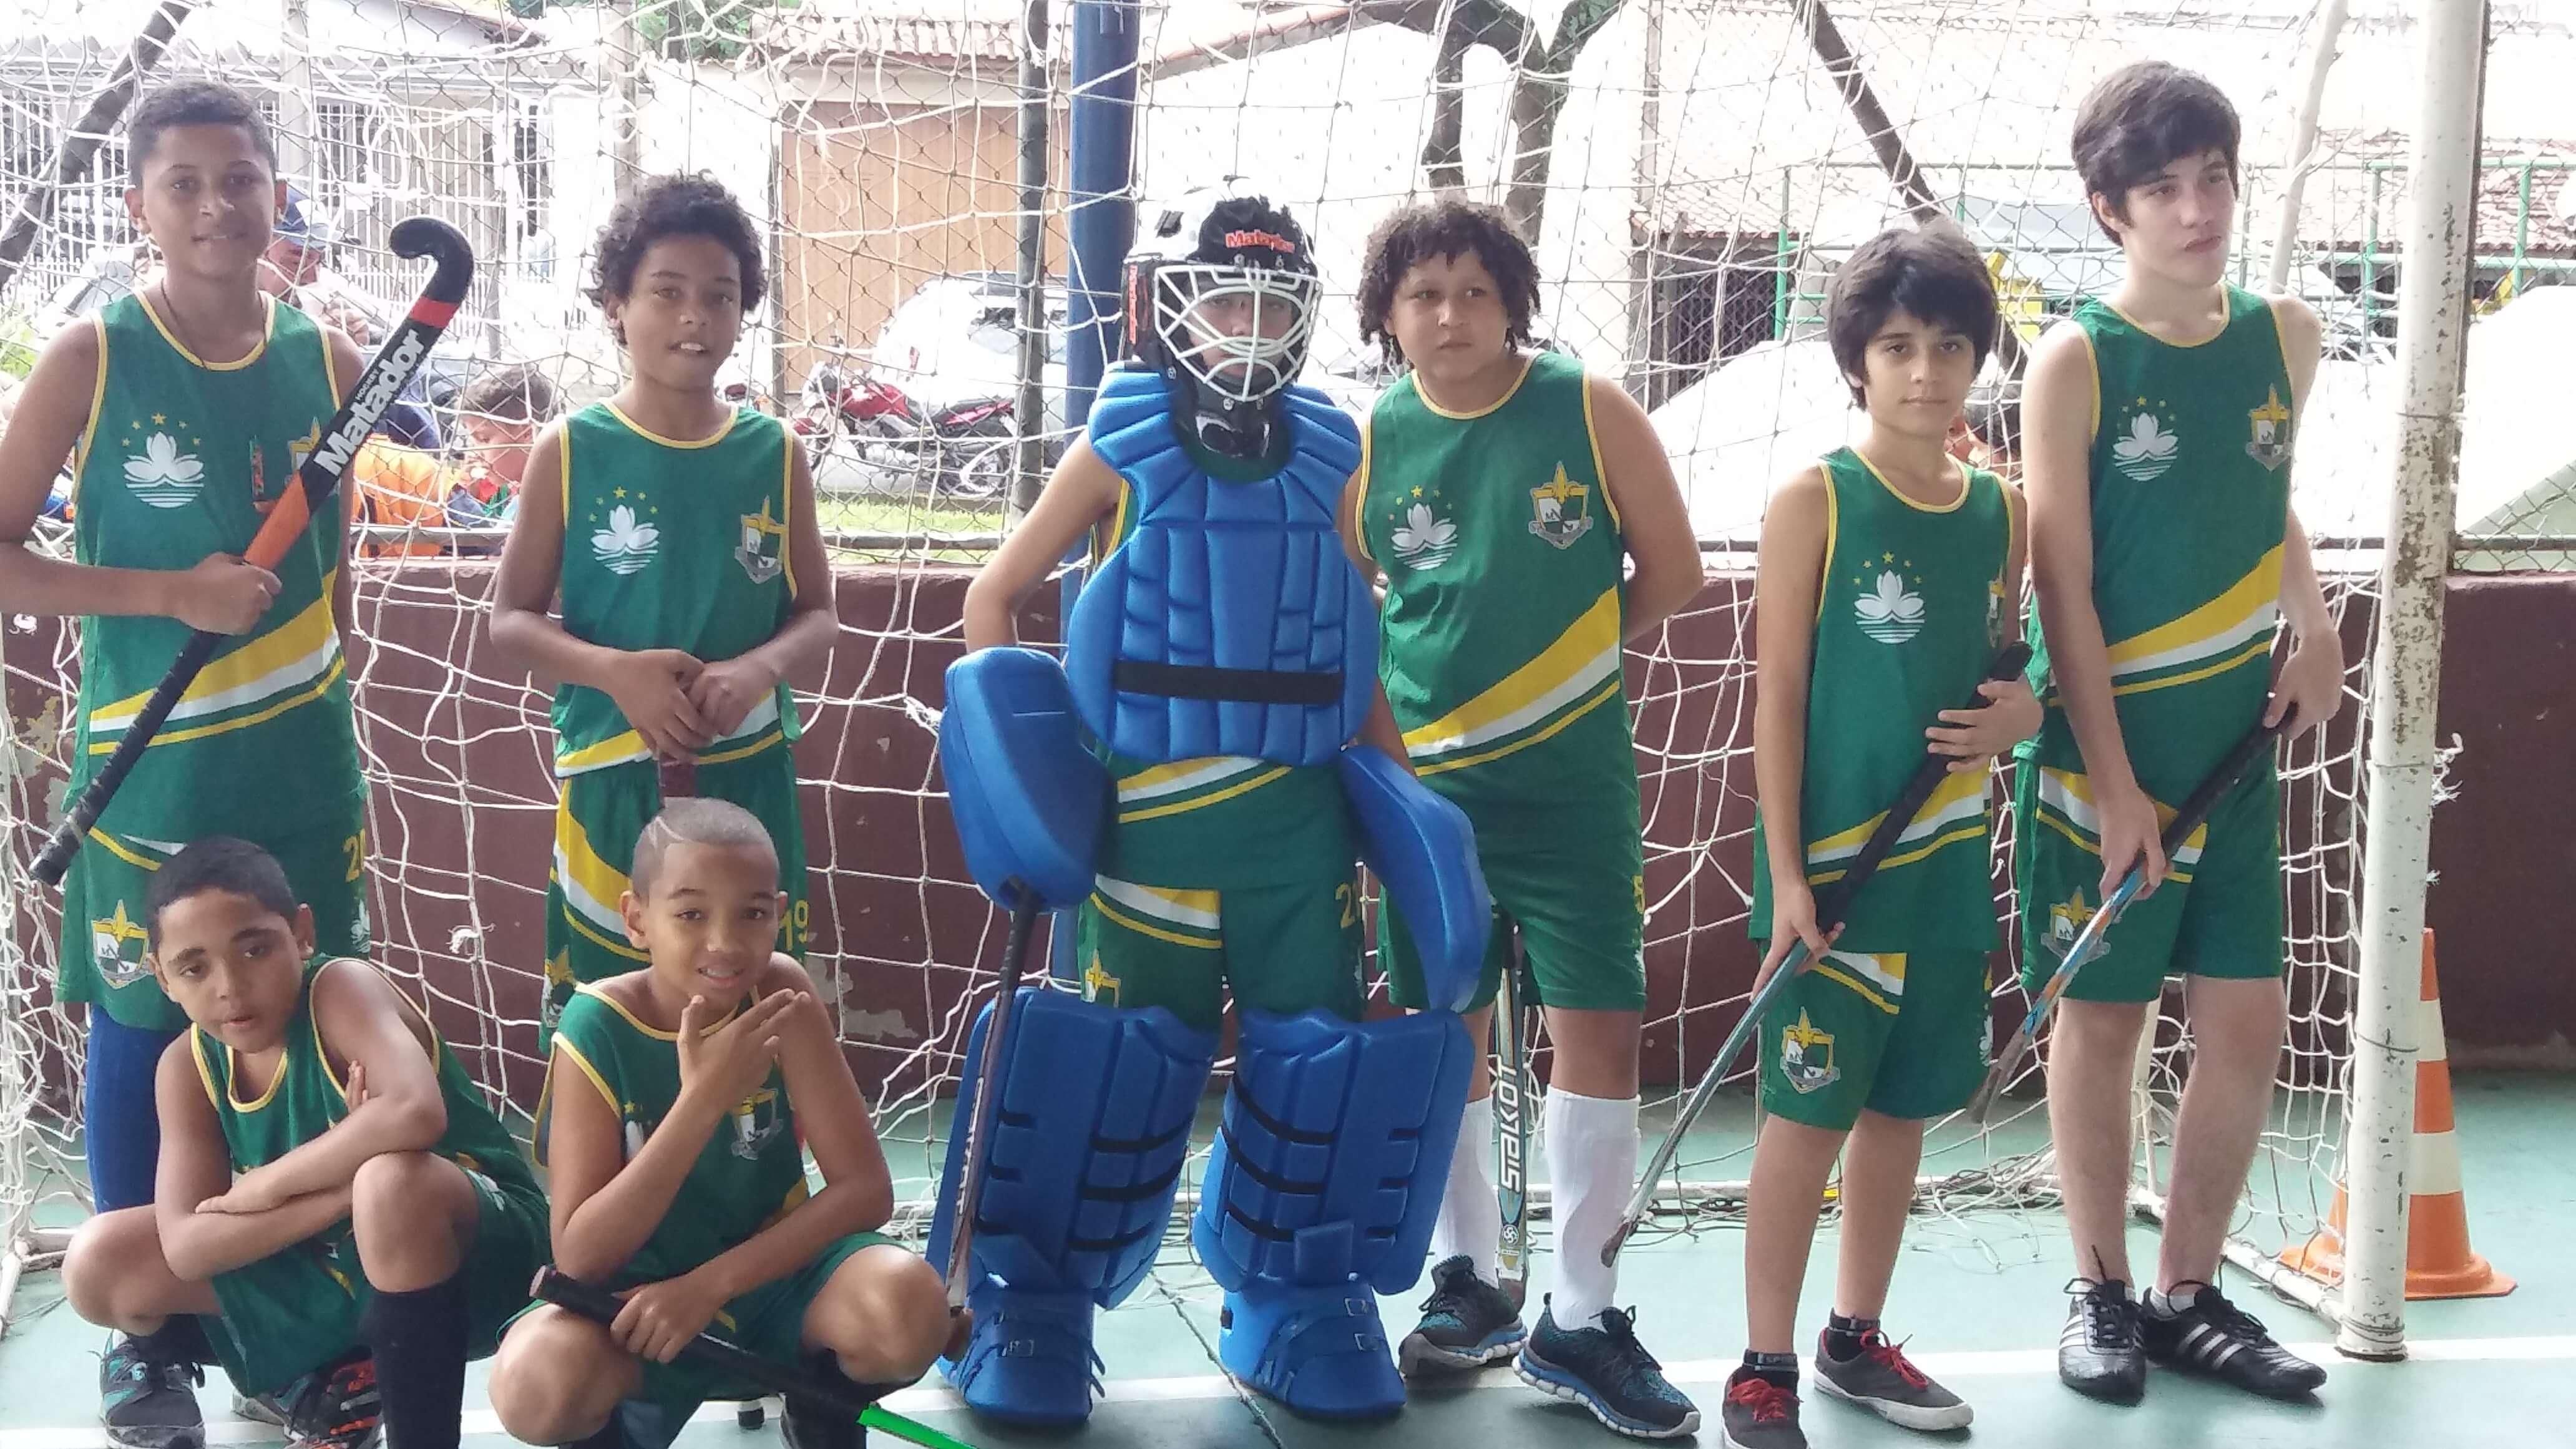 Equipe Sub-13 participou do Festival em São José dos Campos